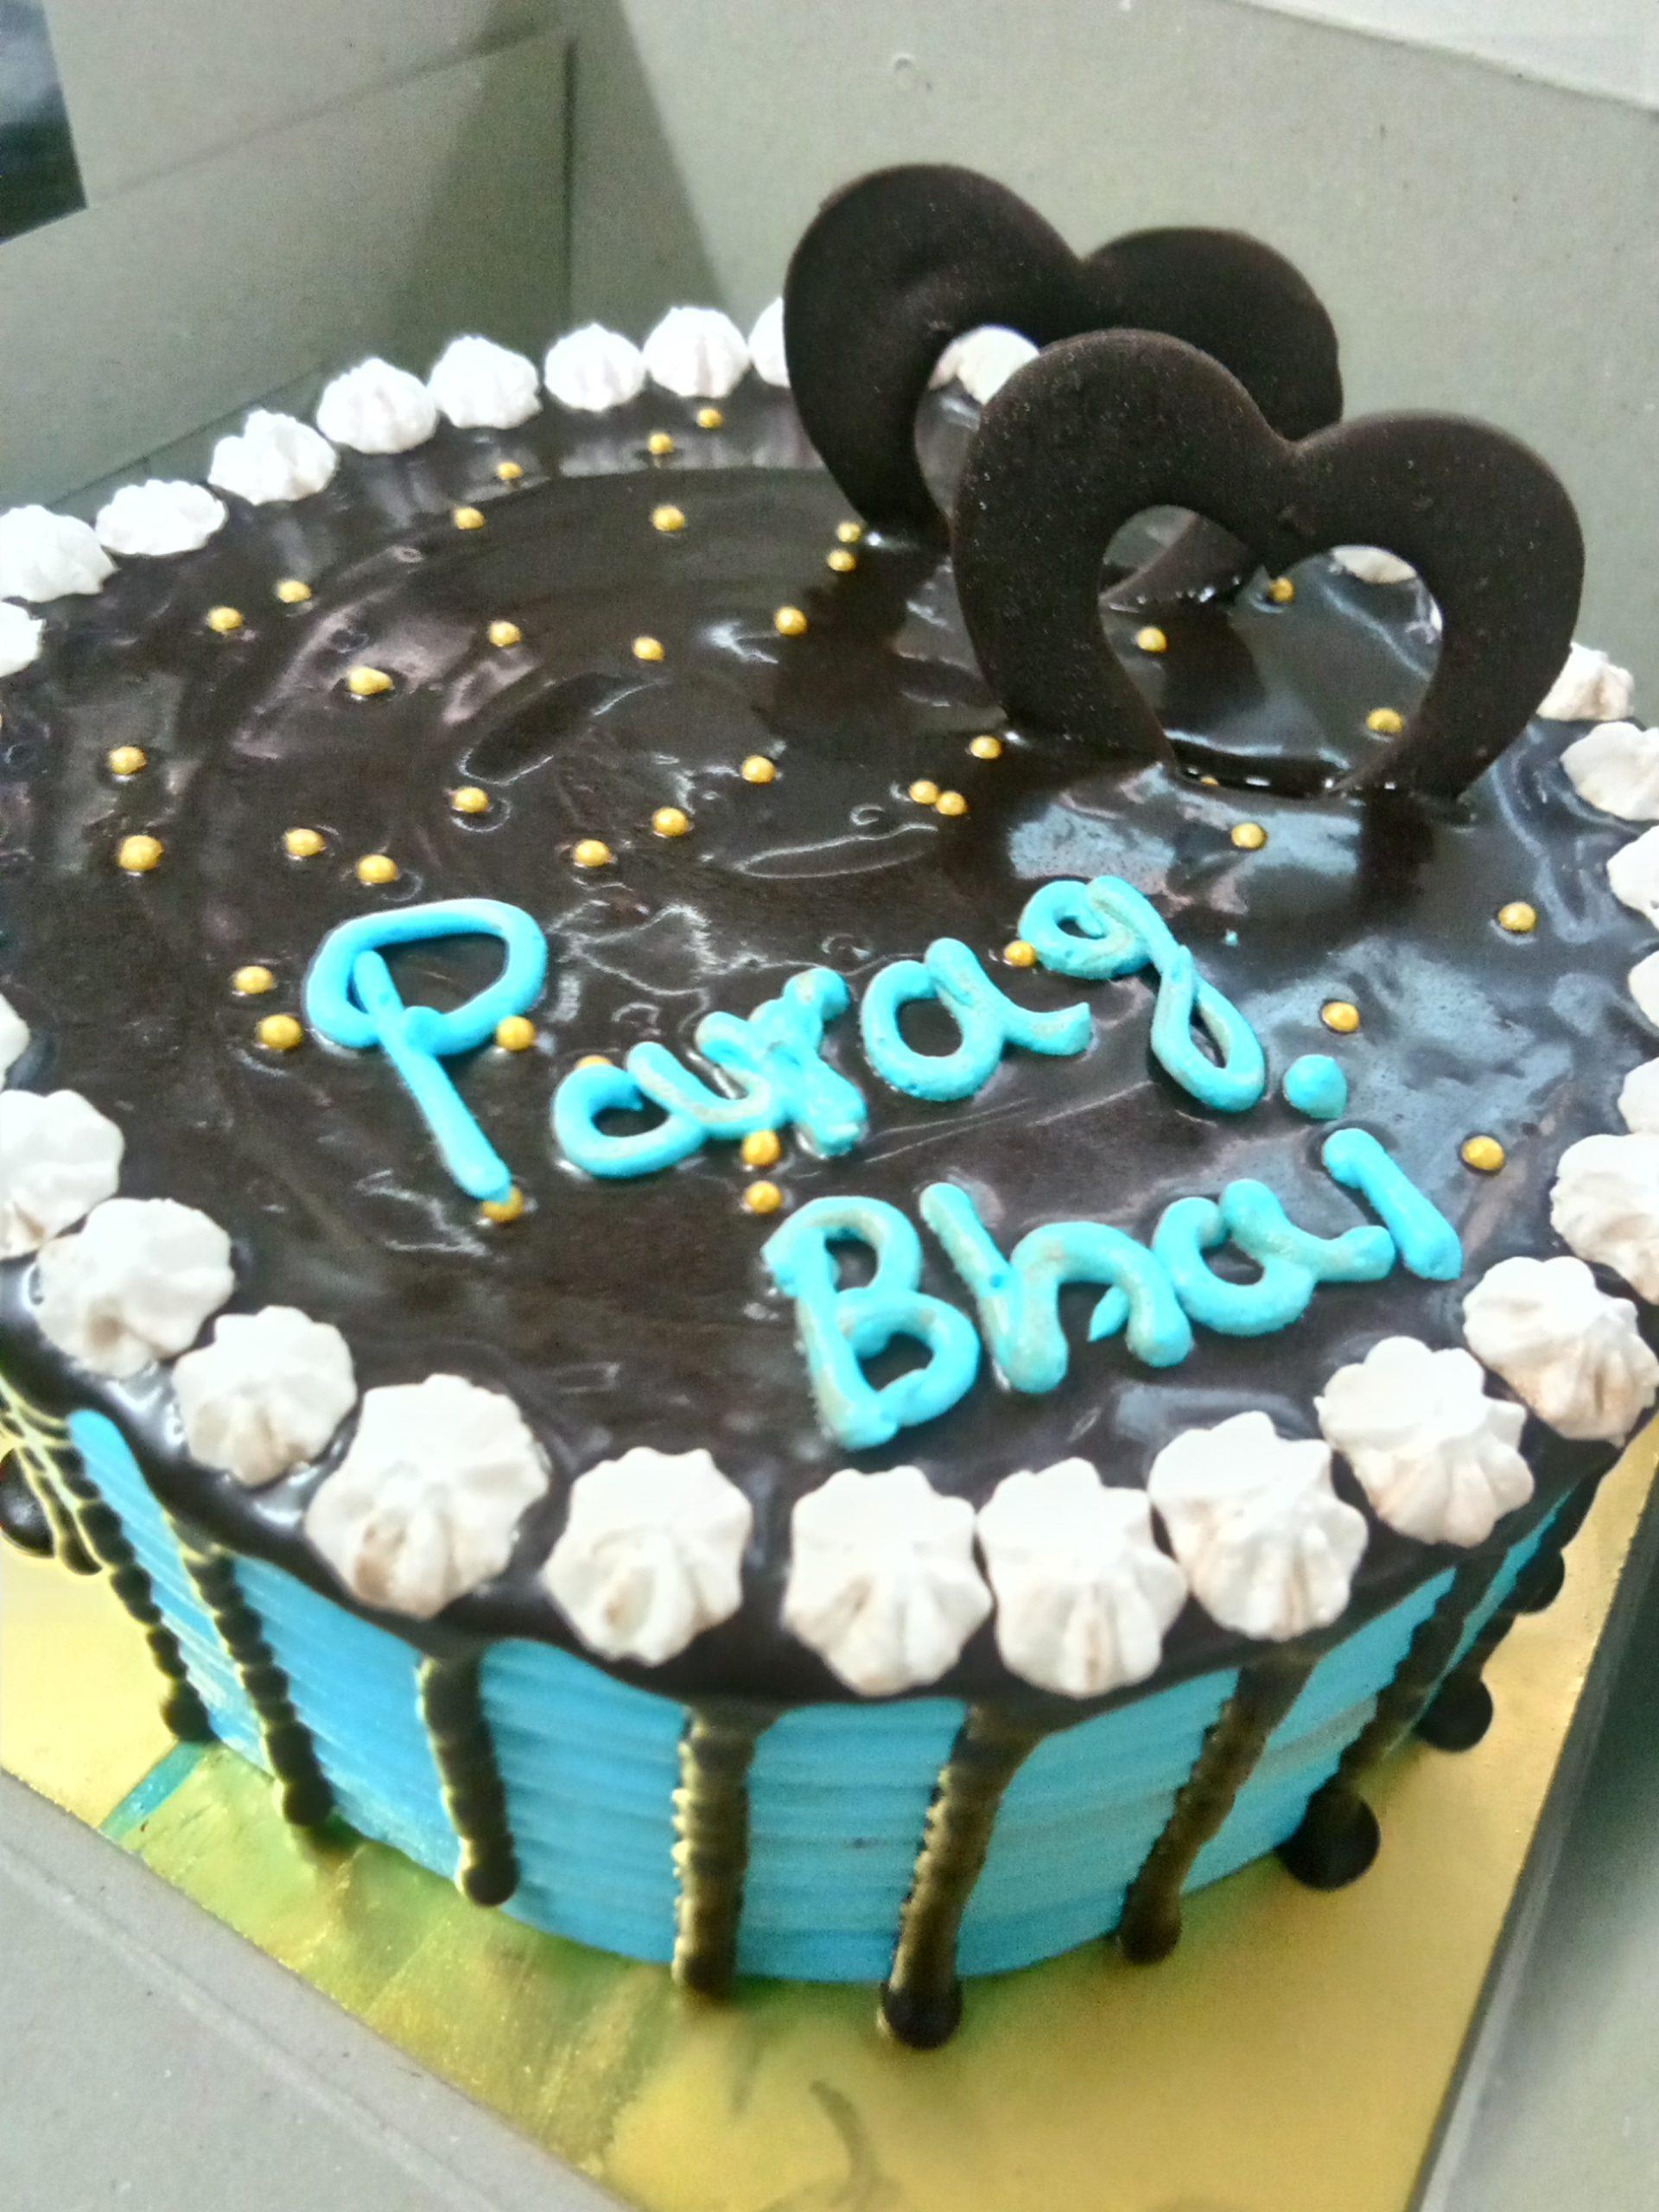 Oreo Chocolate Cake Designs, Images, Price Near Me